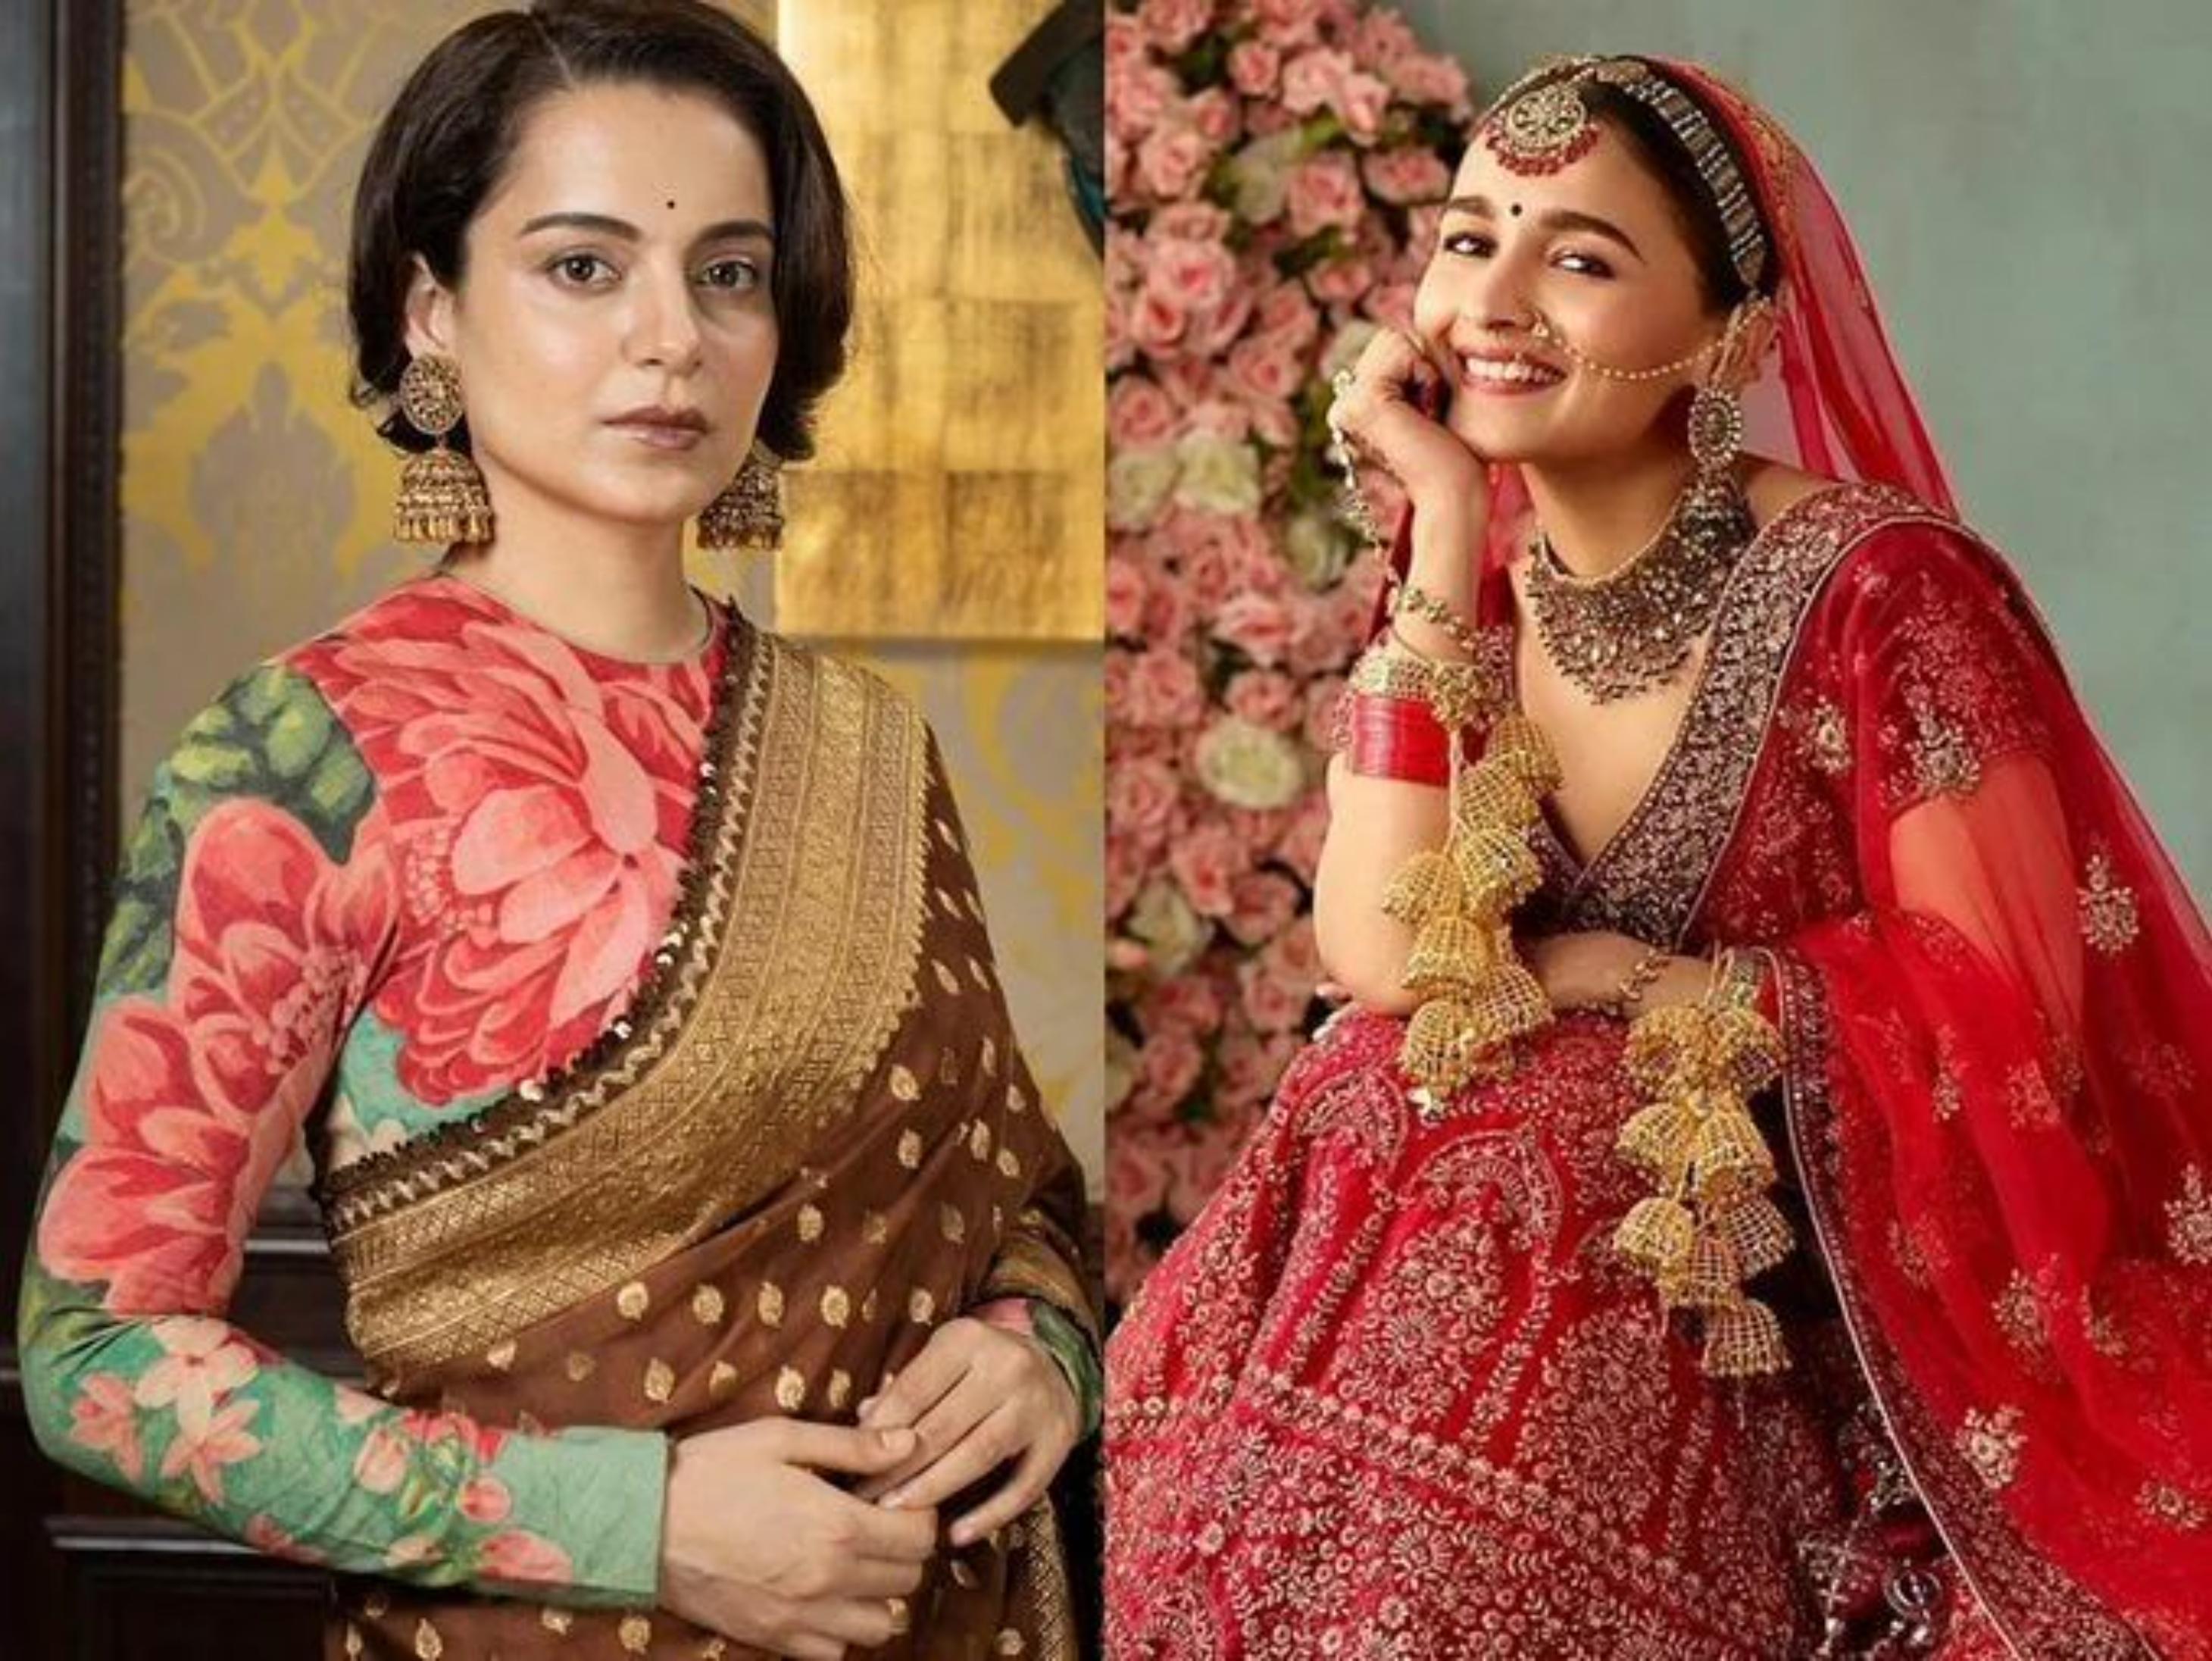 कंगना रनोट ने मोहे की ऐड पर आलिया भट्ट को सुनाई खरी खोटी, मेकर्स से कहा-हिंदुओं का मजाक उड़ाना बंद करो|बॉलीवुड,Bollywood - Dainik Bhaskar